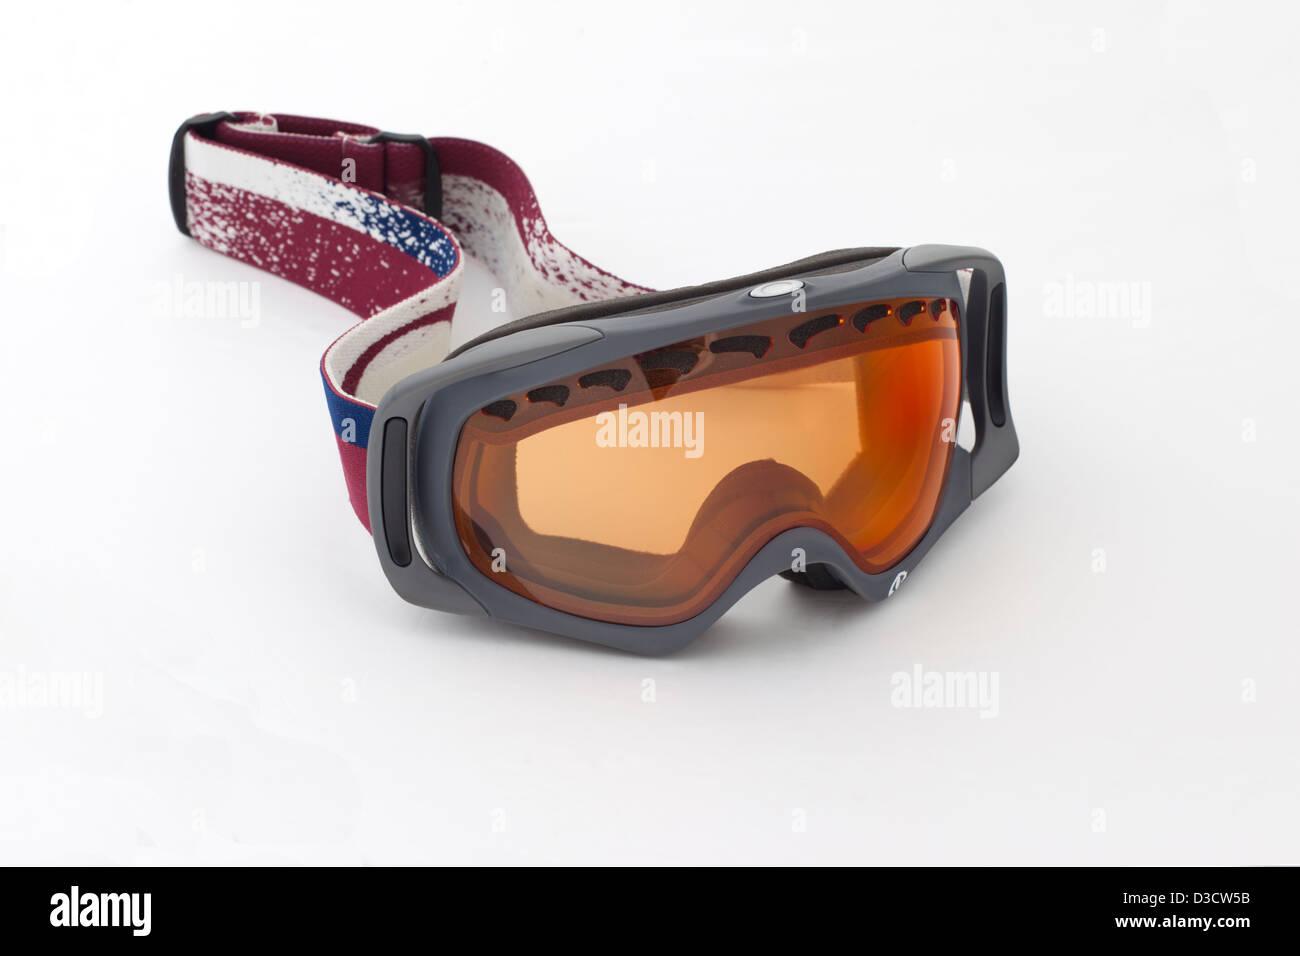 In prossimità di un paio di occhiali da sci contro uno sfondo bianco Immagini Stock